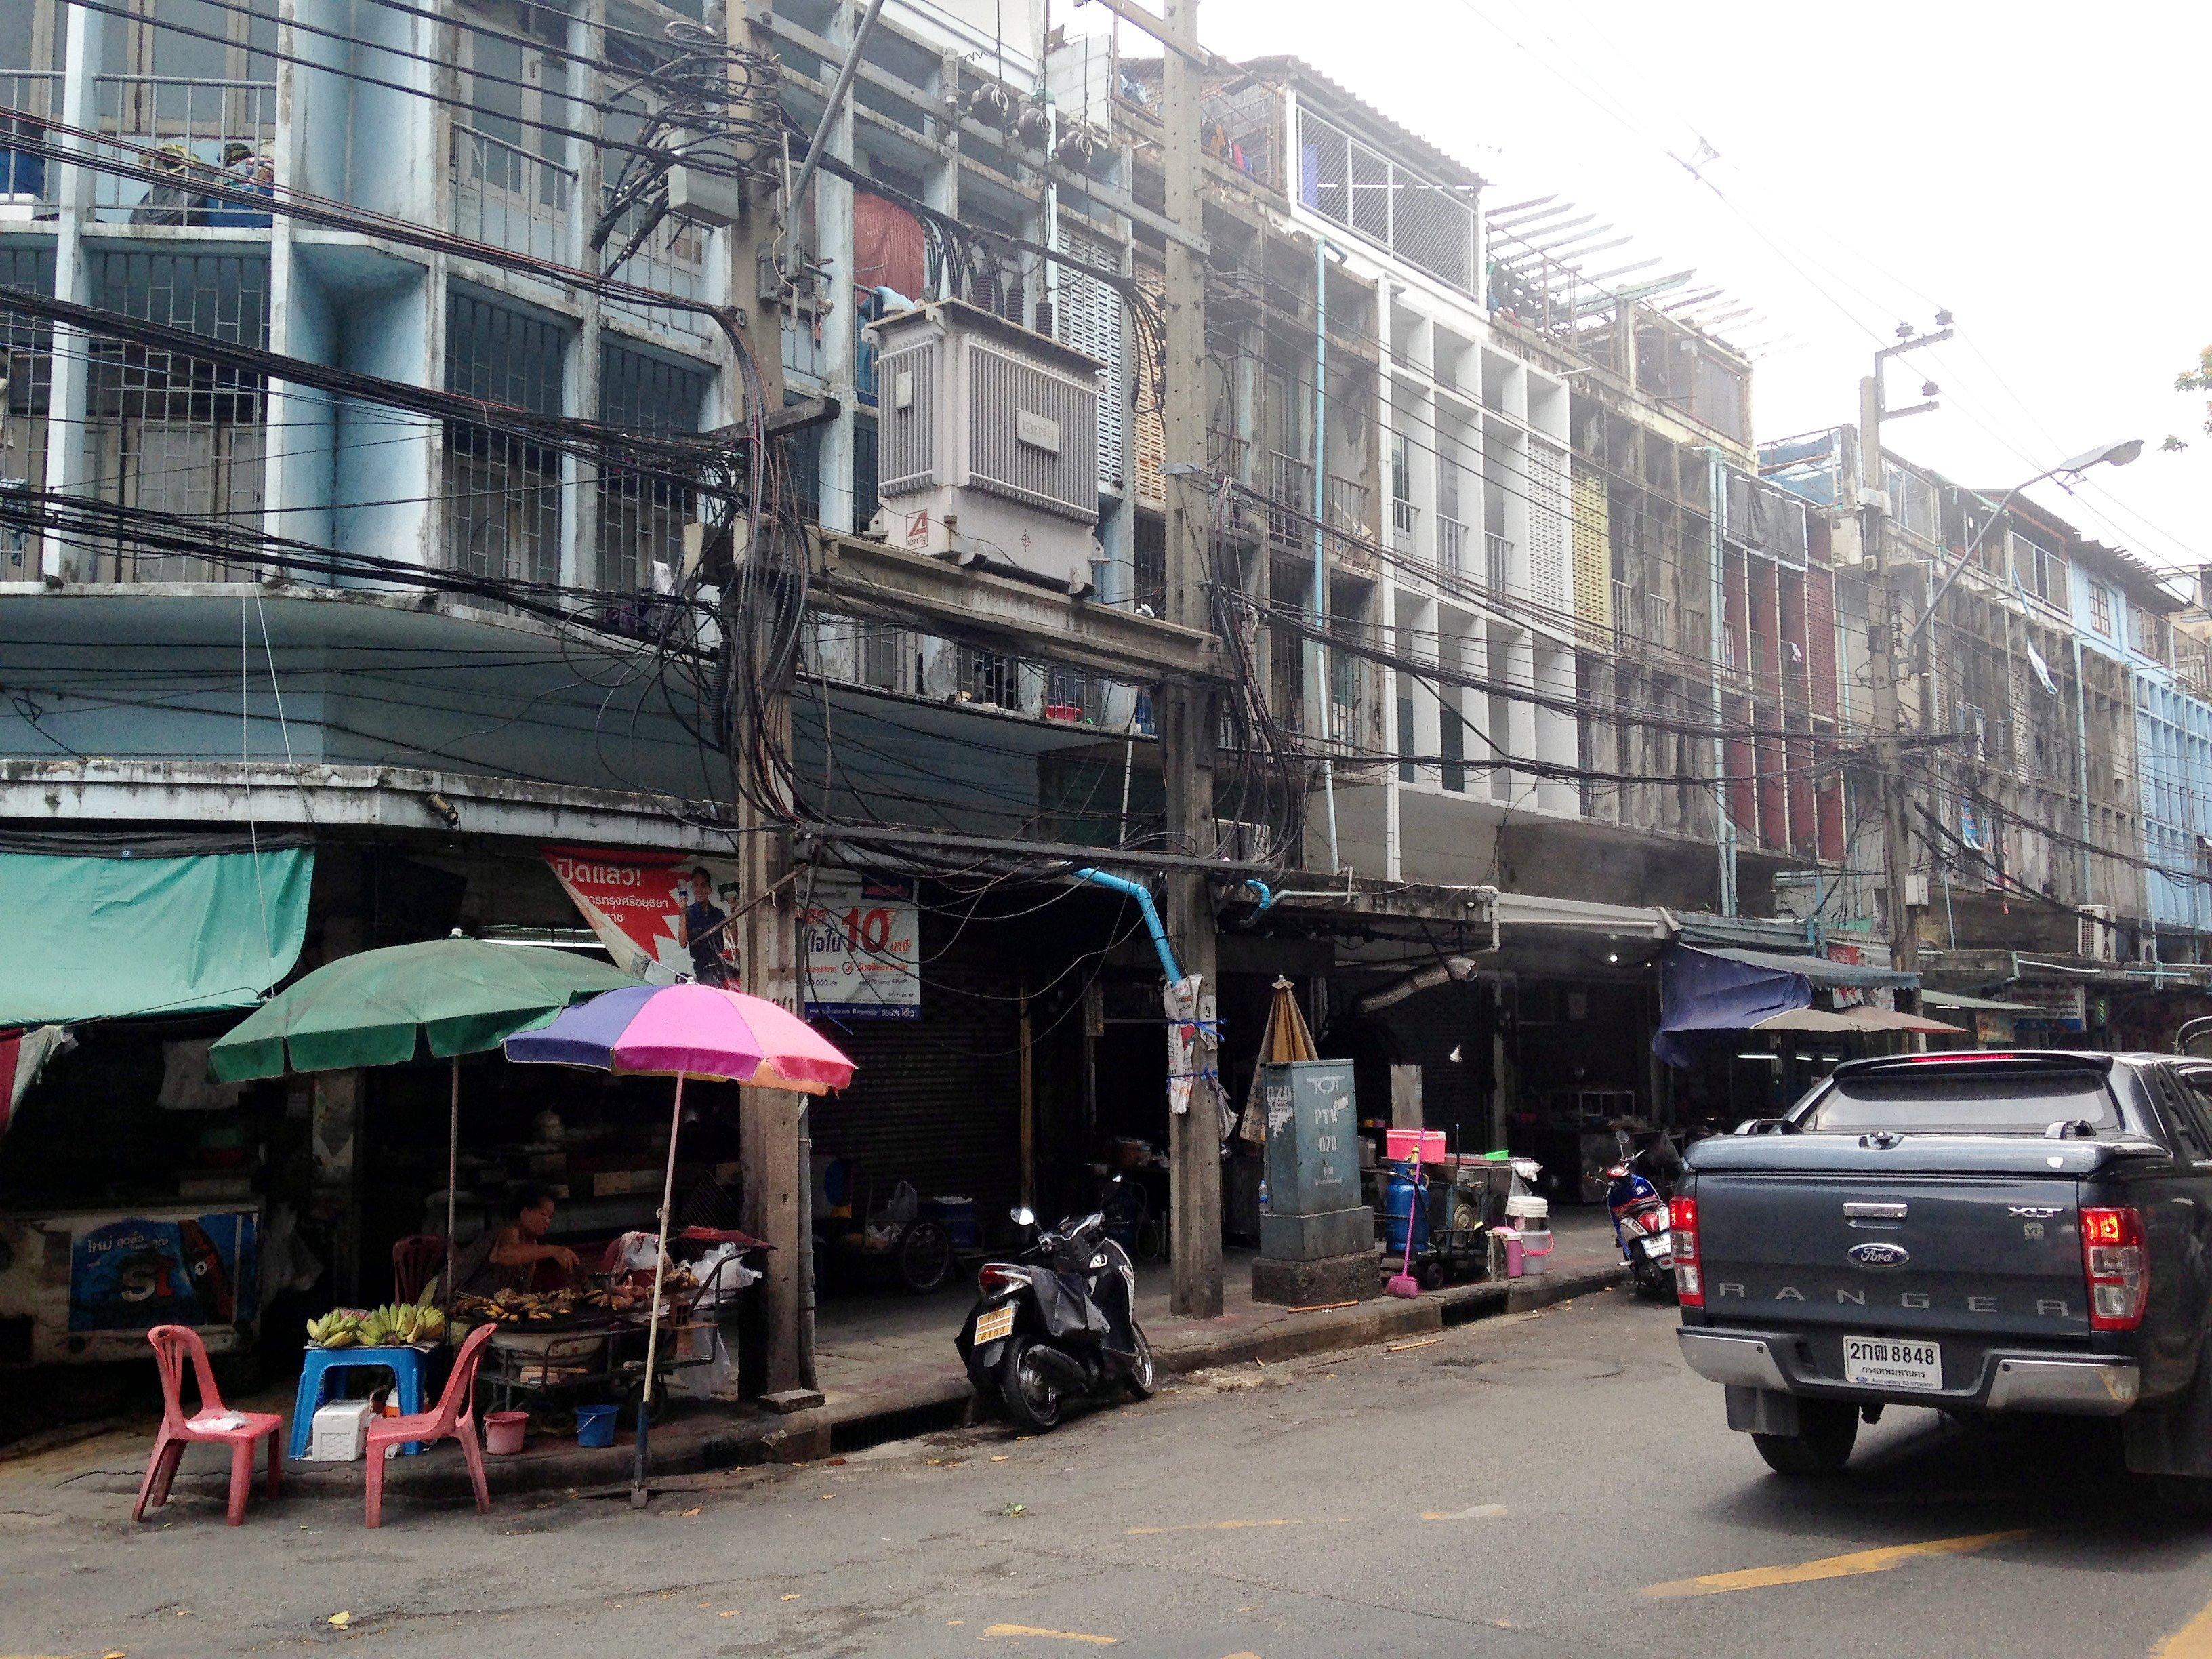 ขายตึกพร้อมที่ดิน อยู่บริเวณวัดดวงแข เนื้อที่ 696 ตารางวา มีตึกแถว 43 ห้อง ติดถนนจารุเมืองและถนนจรัสเมือง ปทุมวัน กรุงเทพมหานคร ห่างหัวลำโพง 500 เมตร